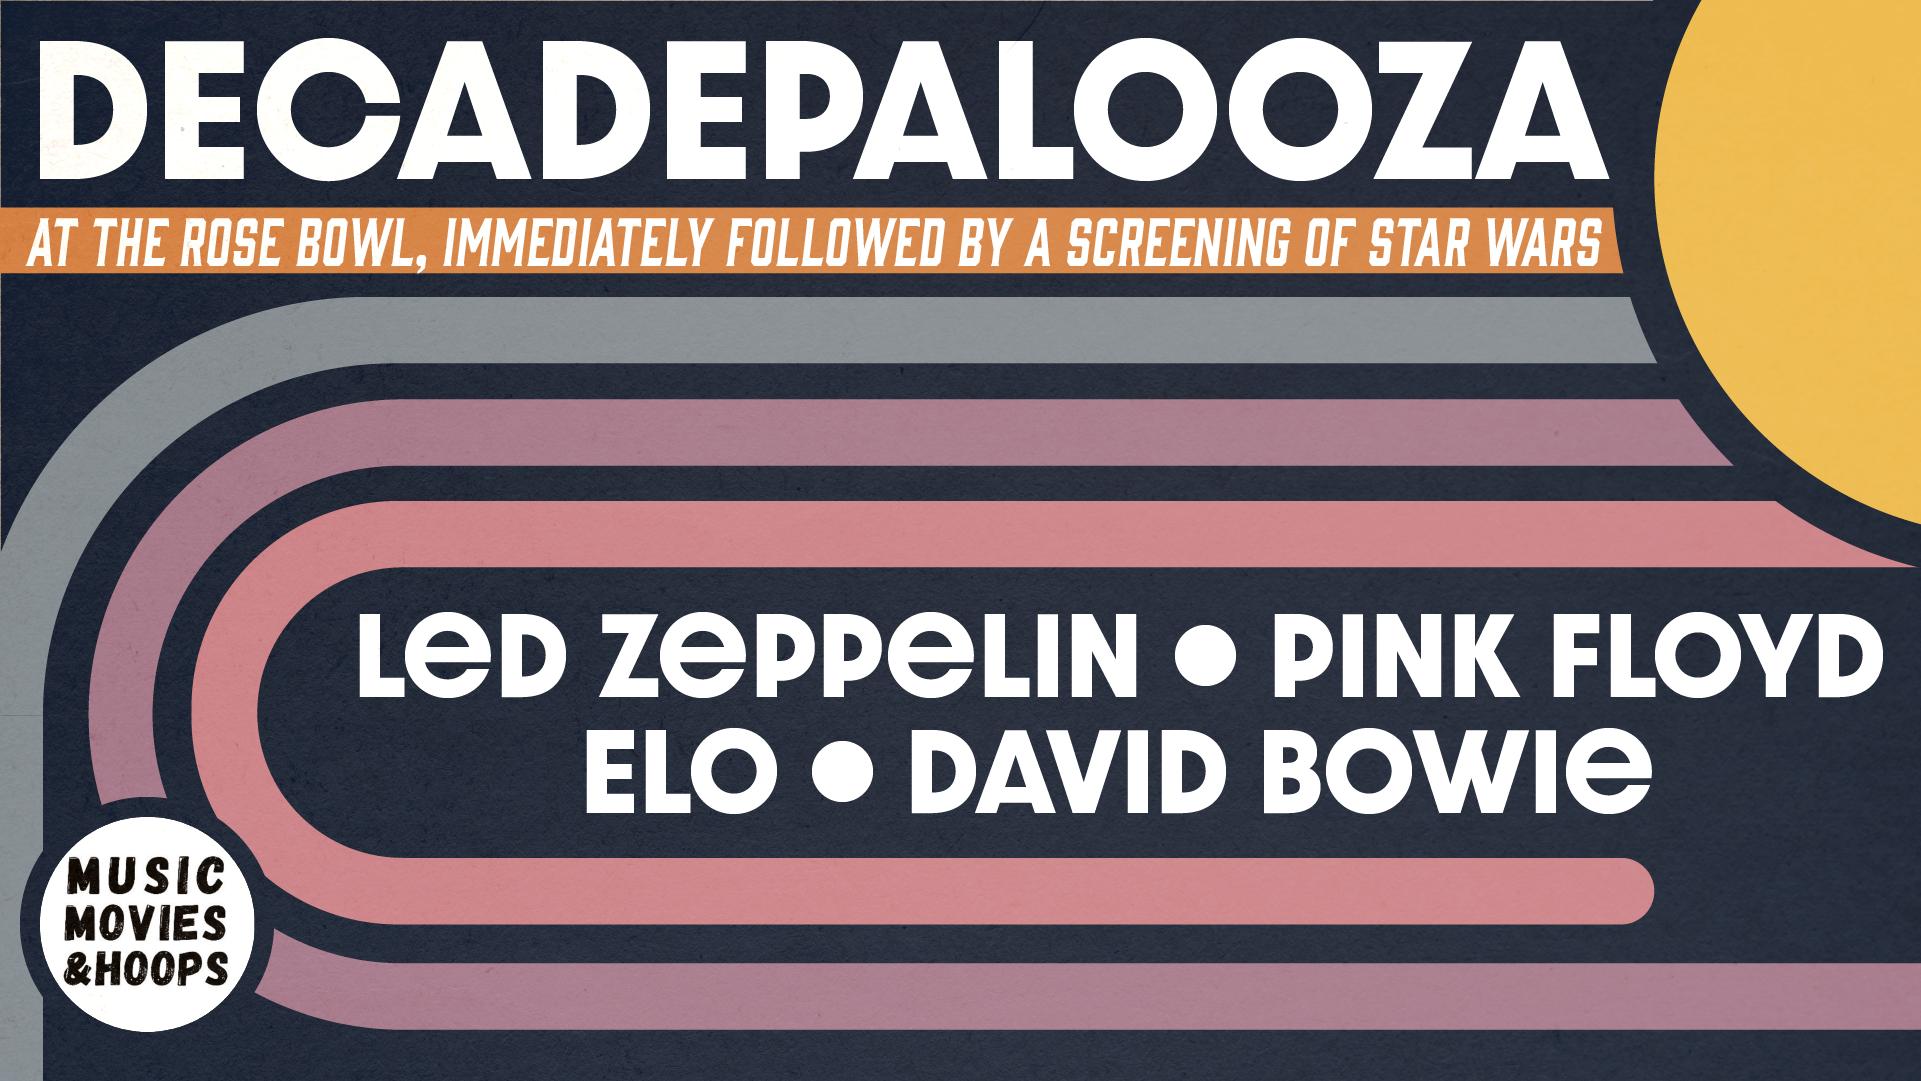 Decadepalooza II: The 1970s